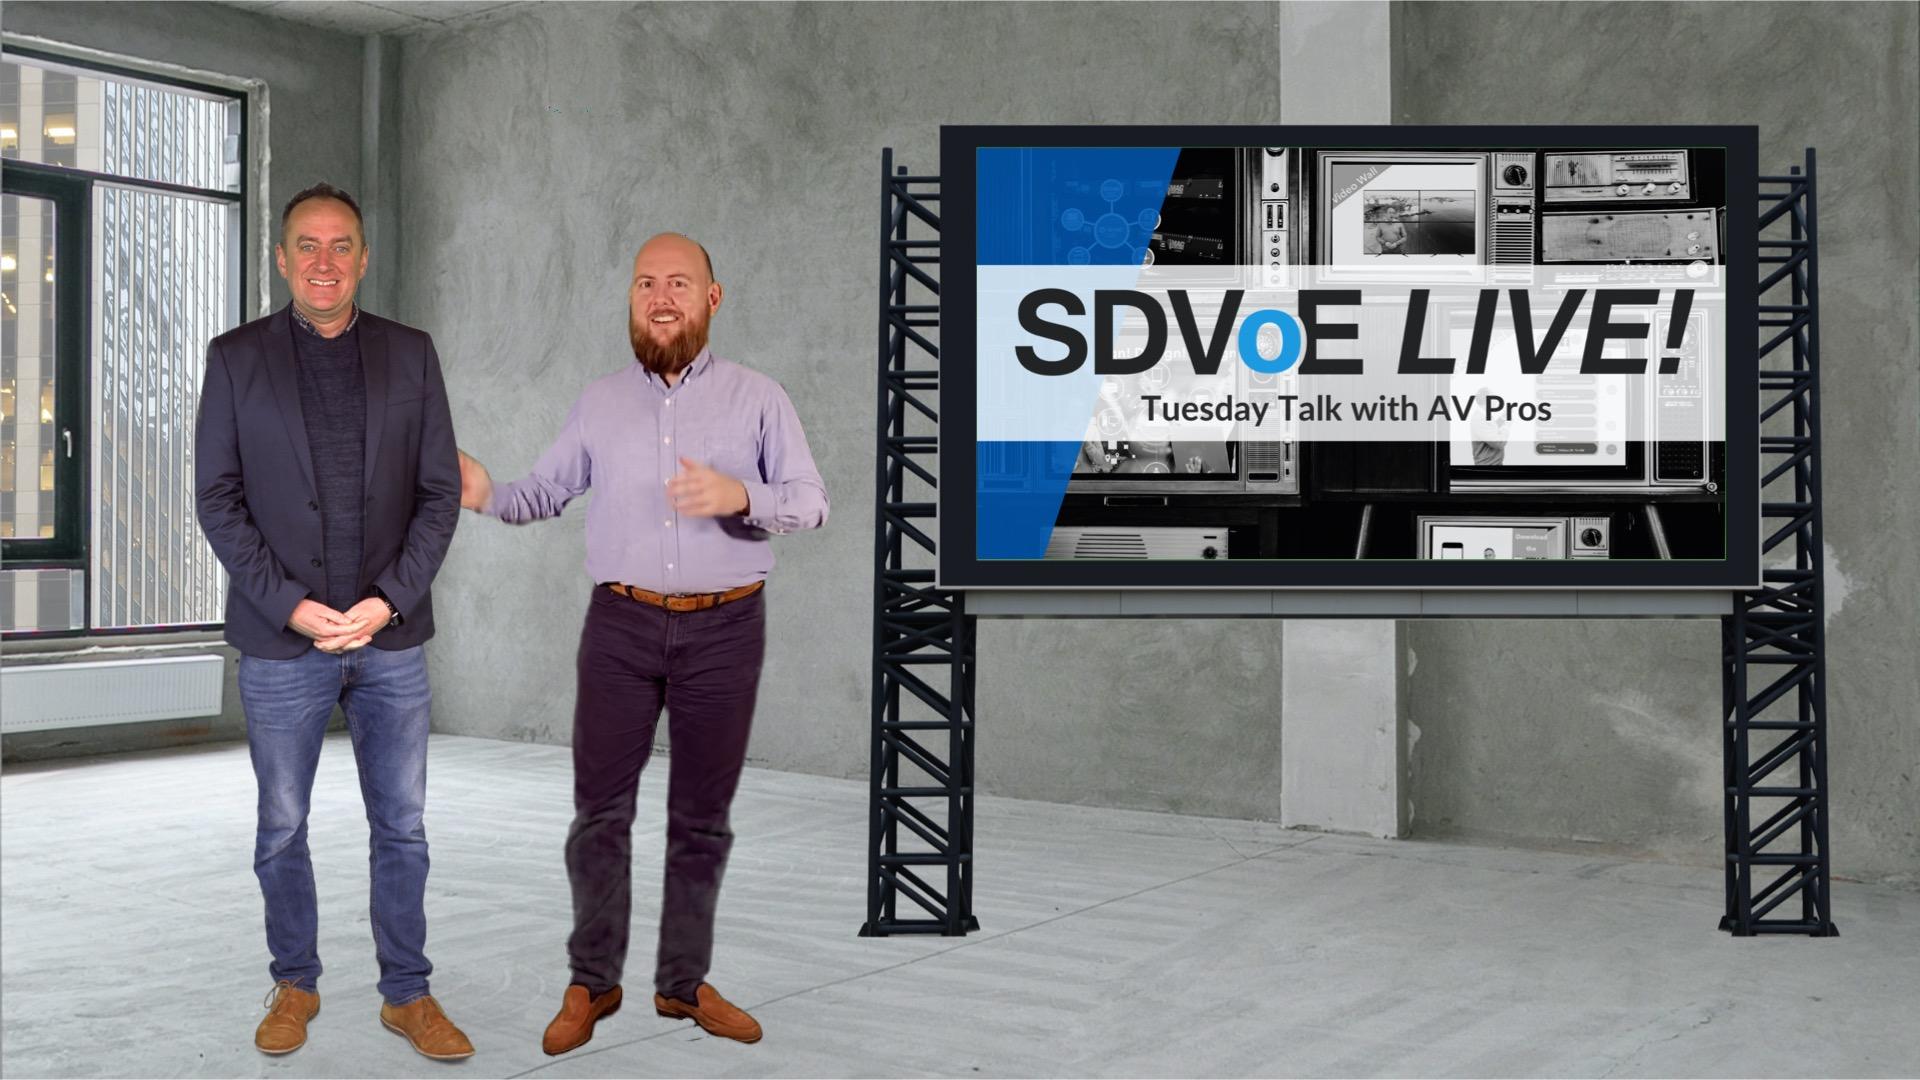 SDVoE LIVE! Episode 10: Network Safety for AV Pros